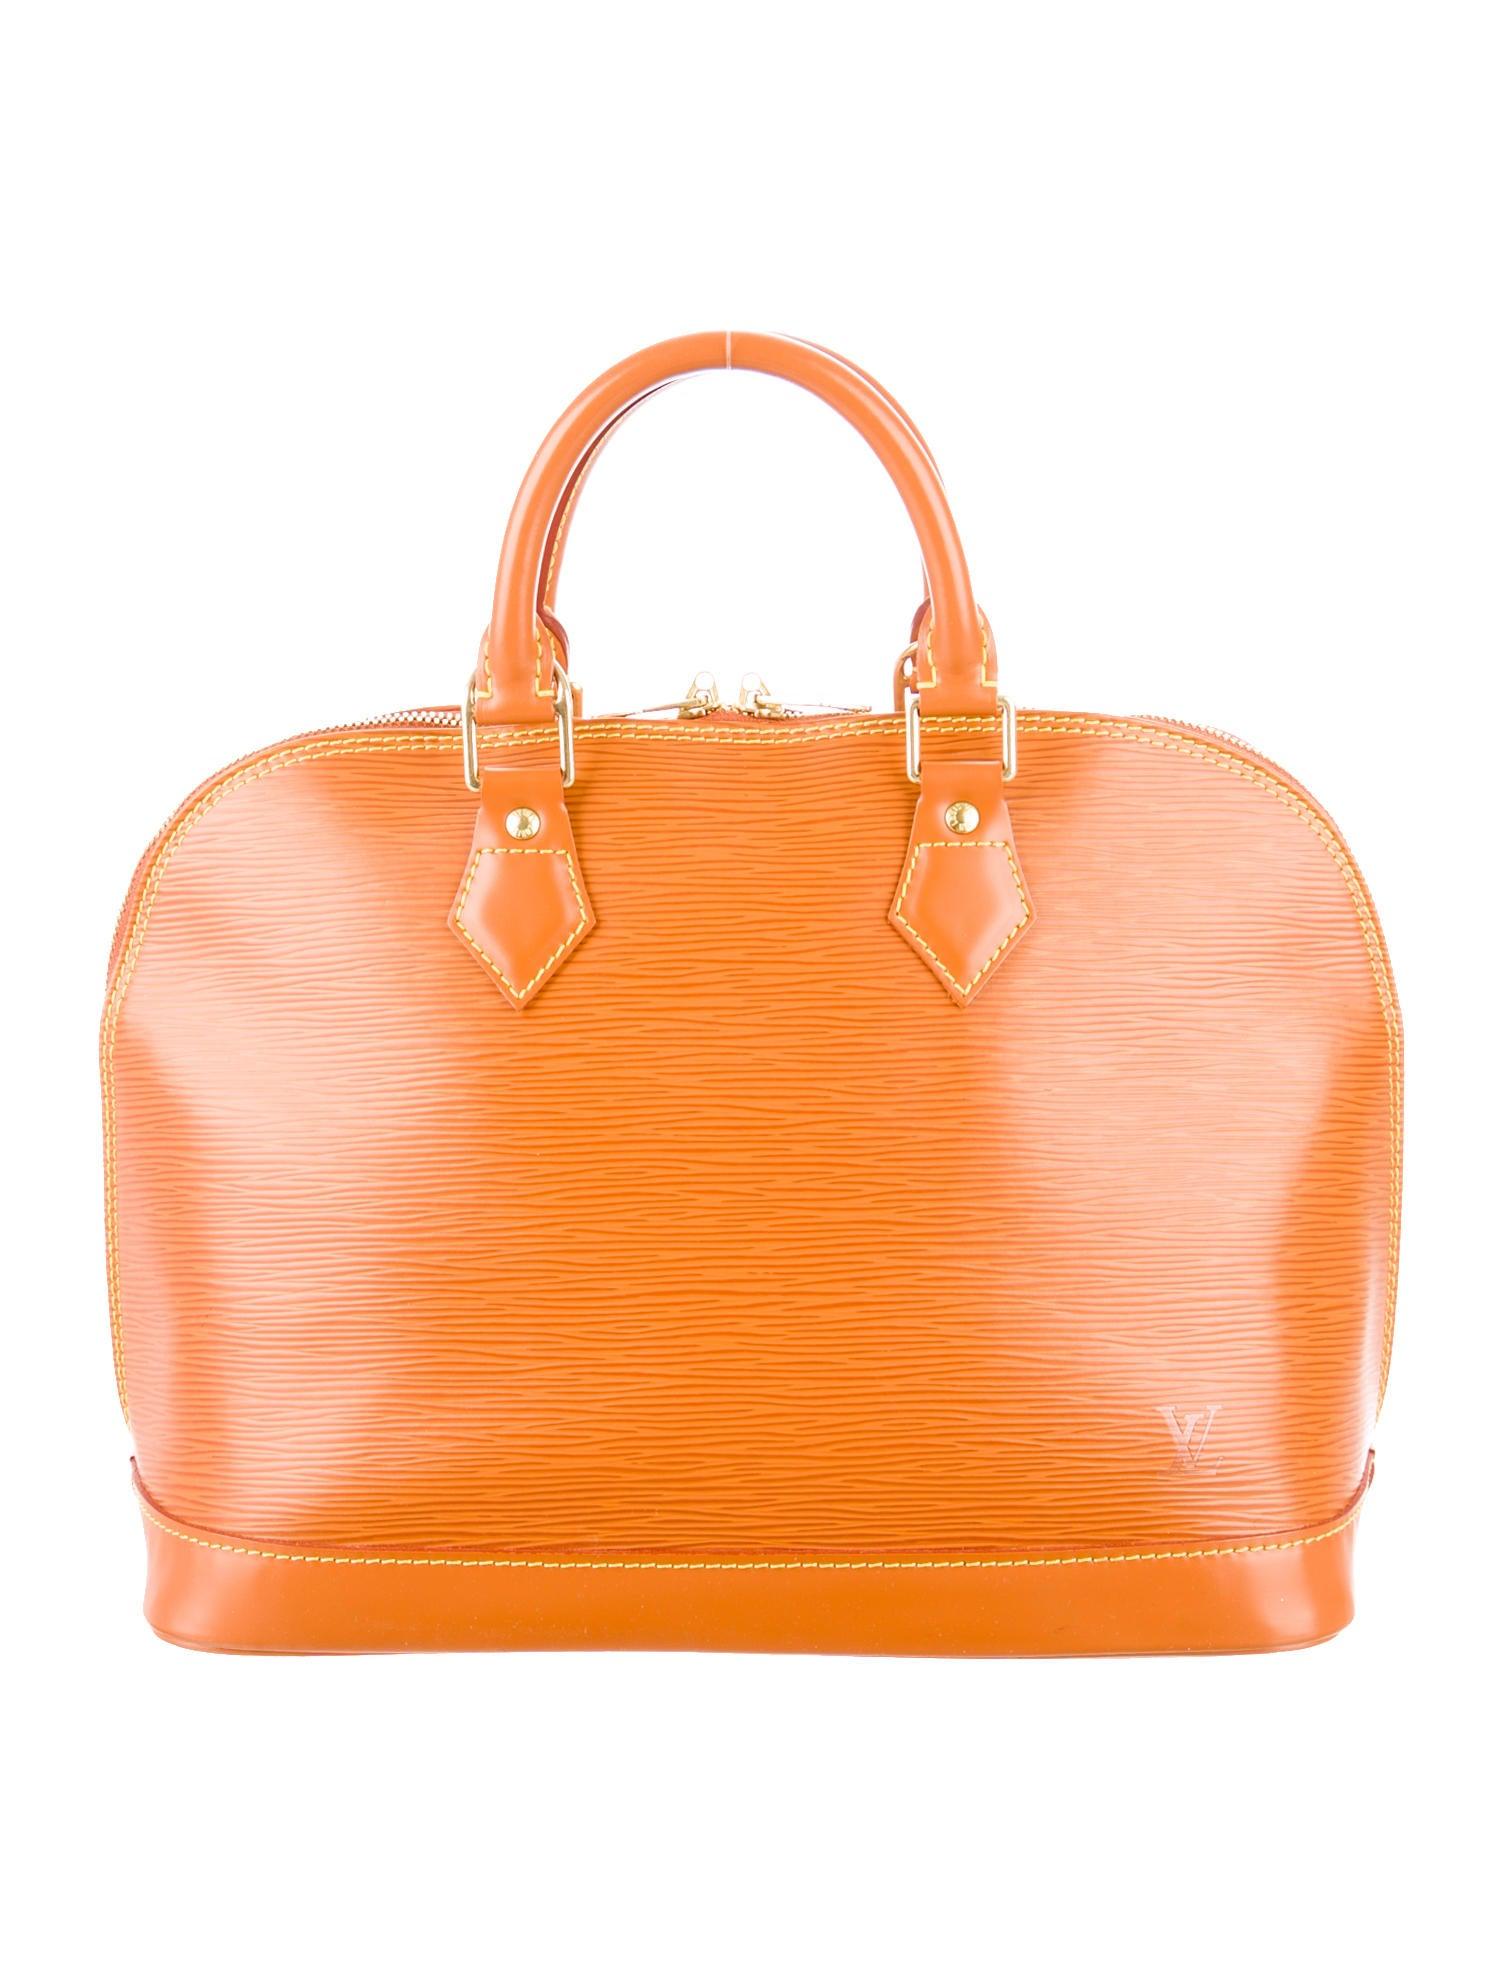 Louis vuitton epi alma pm handbags lou63742 the realreal for Louis vuitton miroir alma bag price